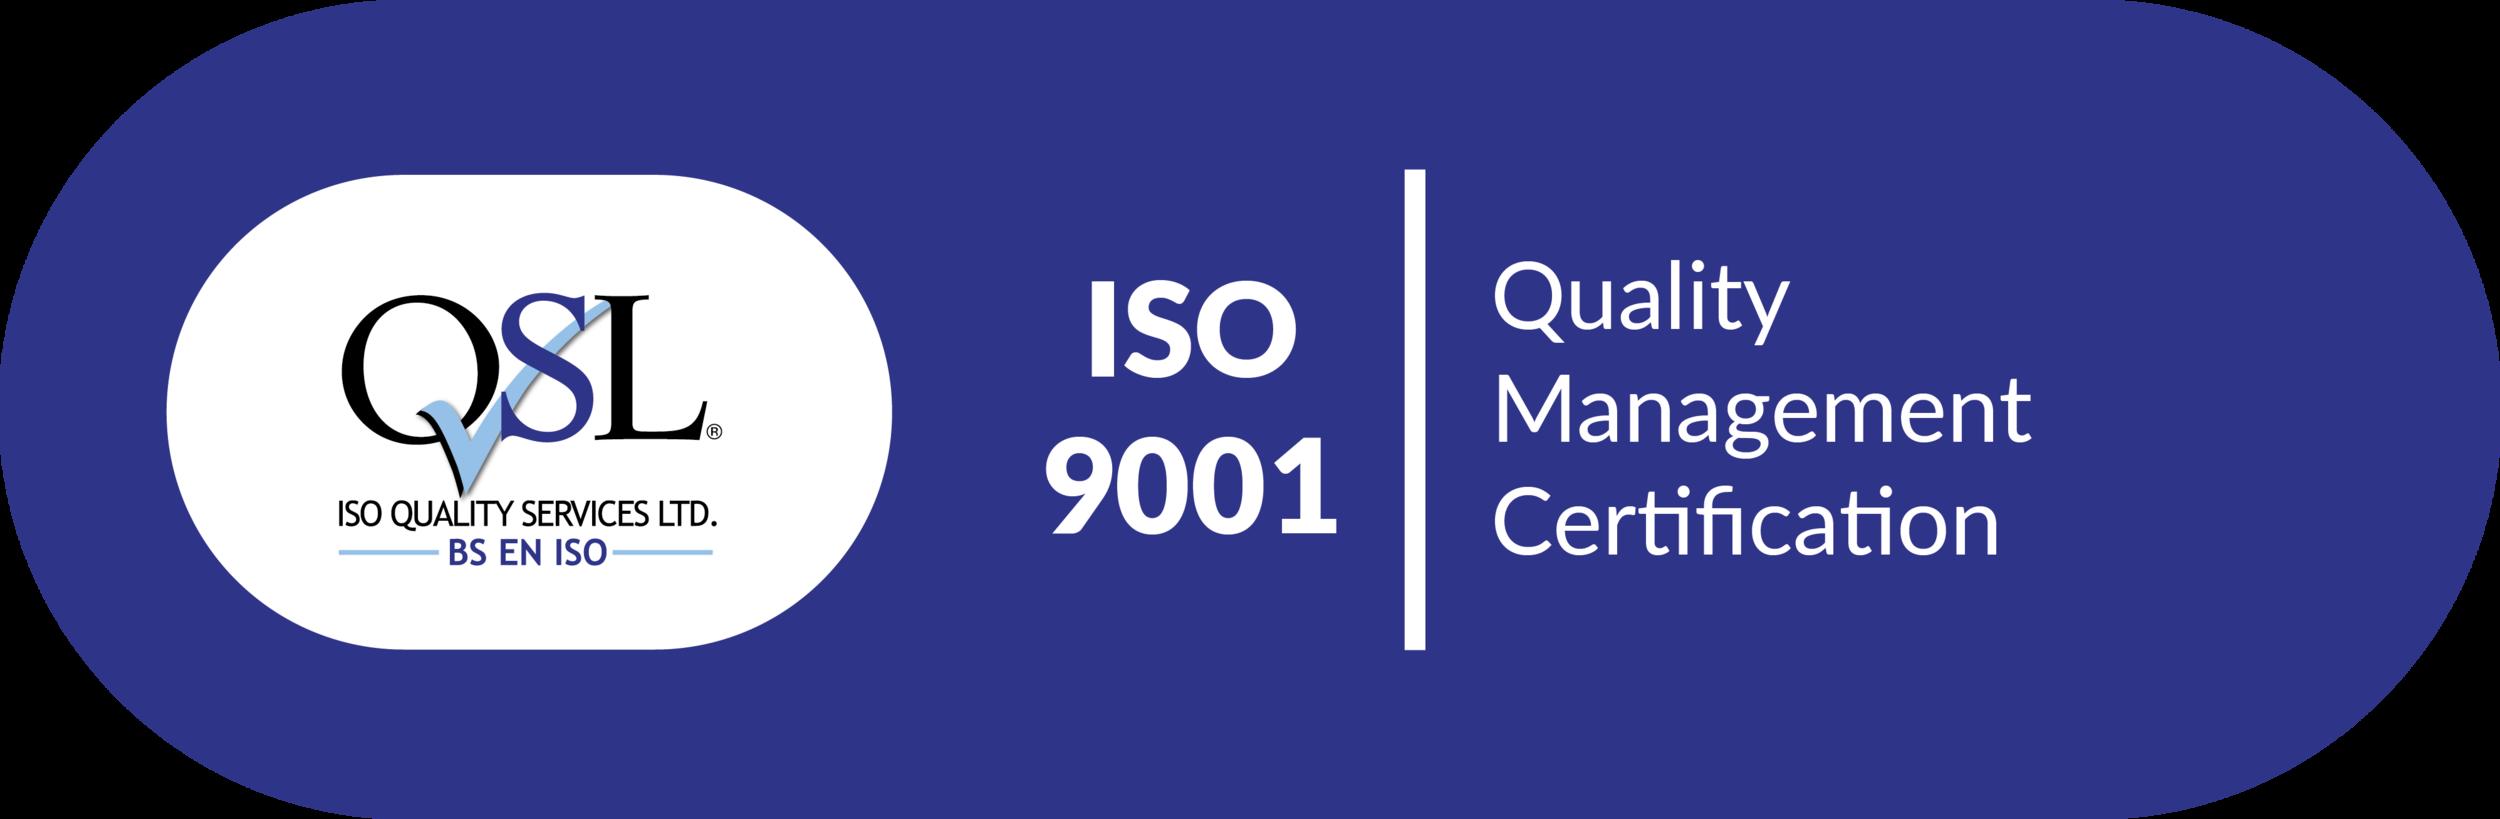 E ISO QSL Cert ISO 9001.png